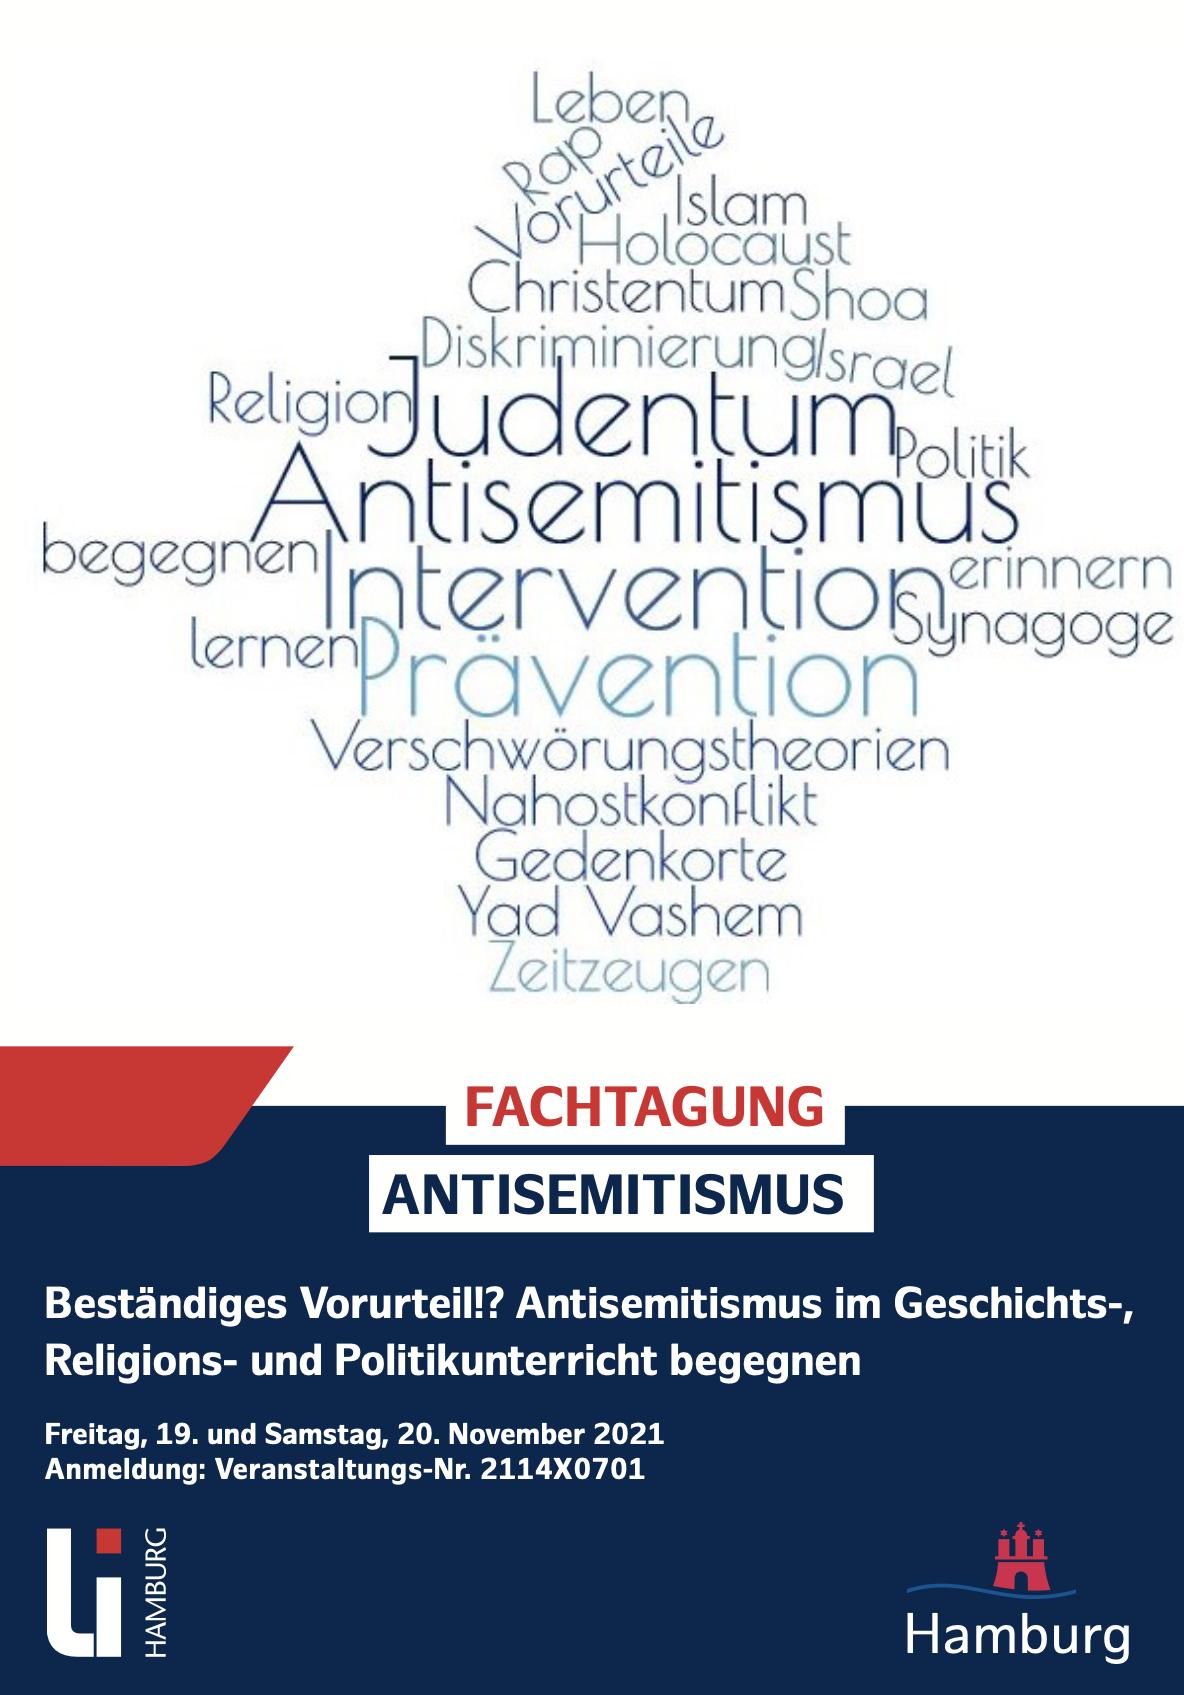 """Online-Fachtagung Antisemitismus """"Beständiges Vorurteil?! am 19. und 20. November 2021"""